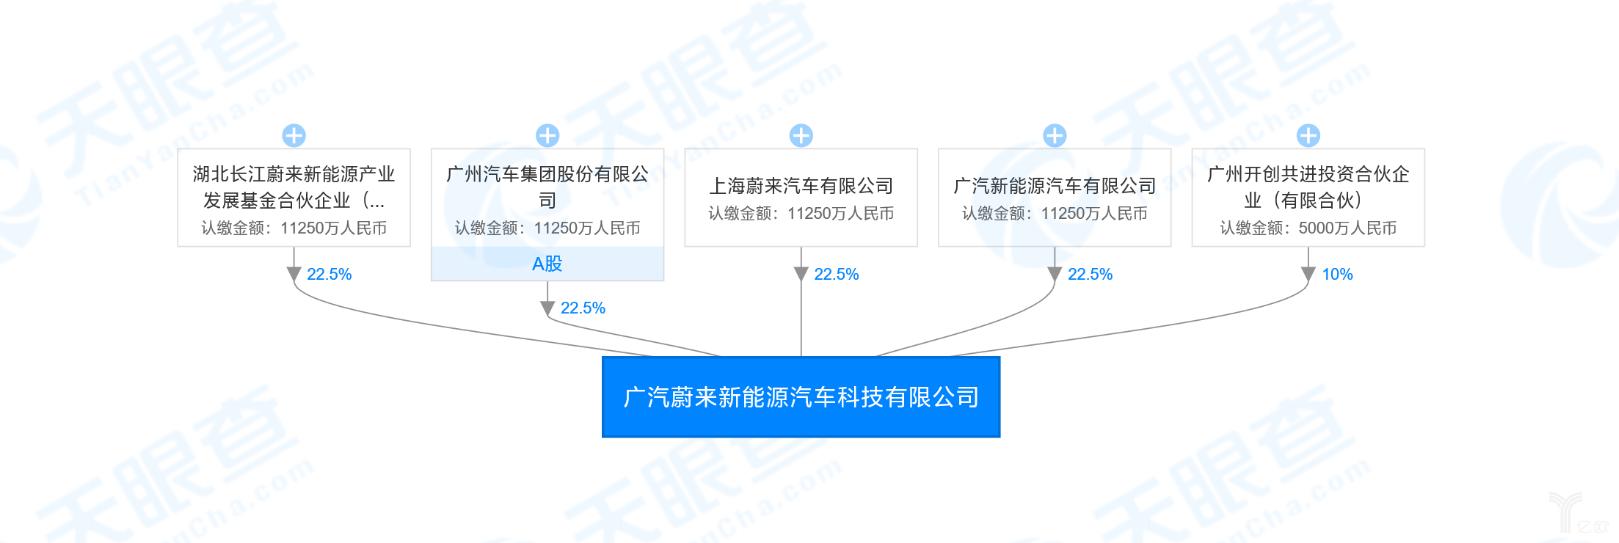 广汽蔚来新能源汽车科技有限公司股权架构图